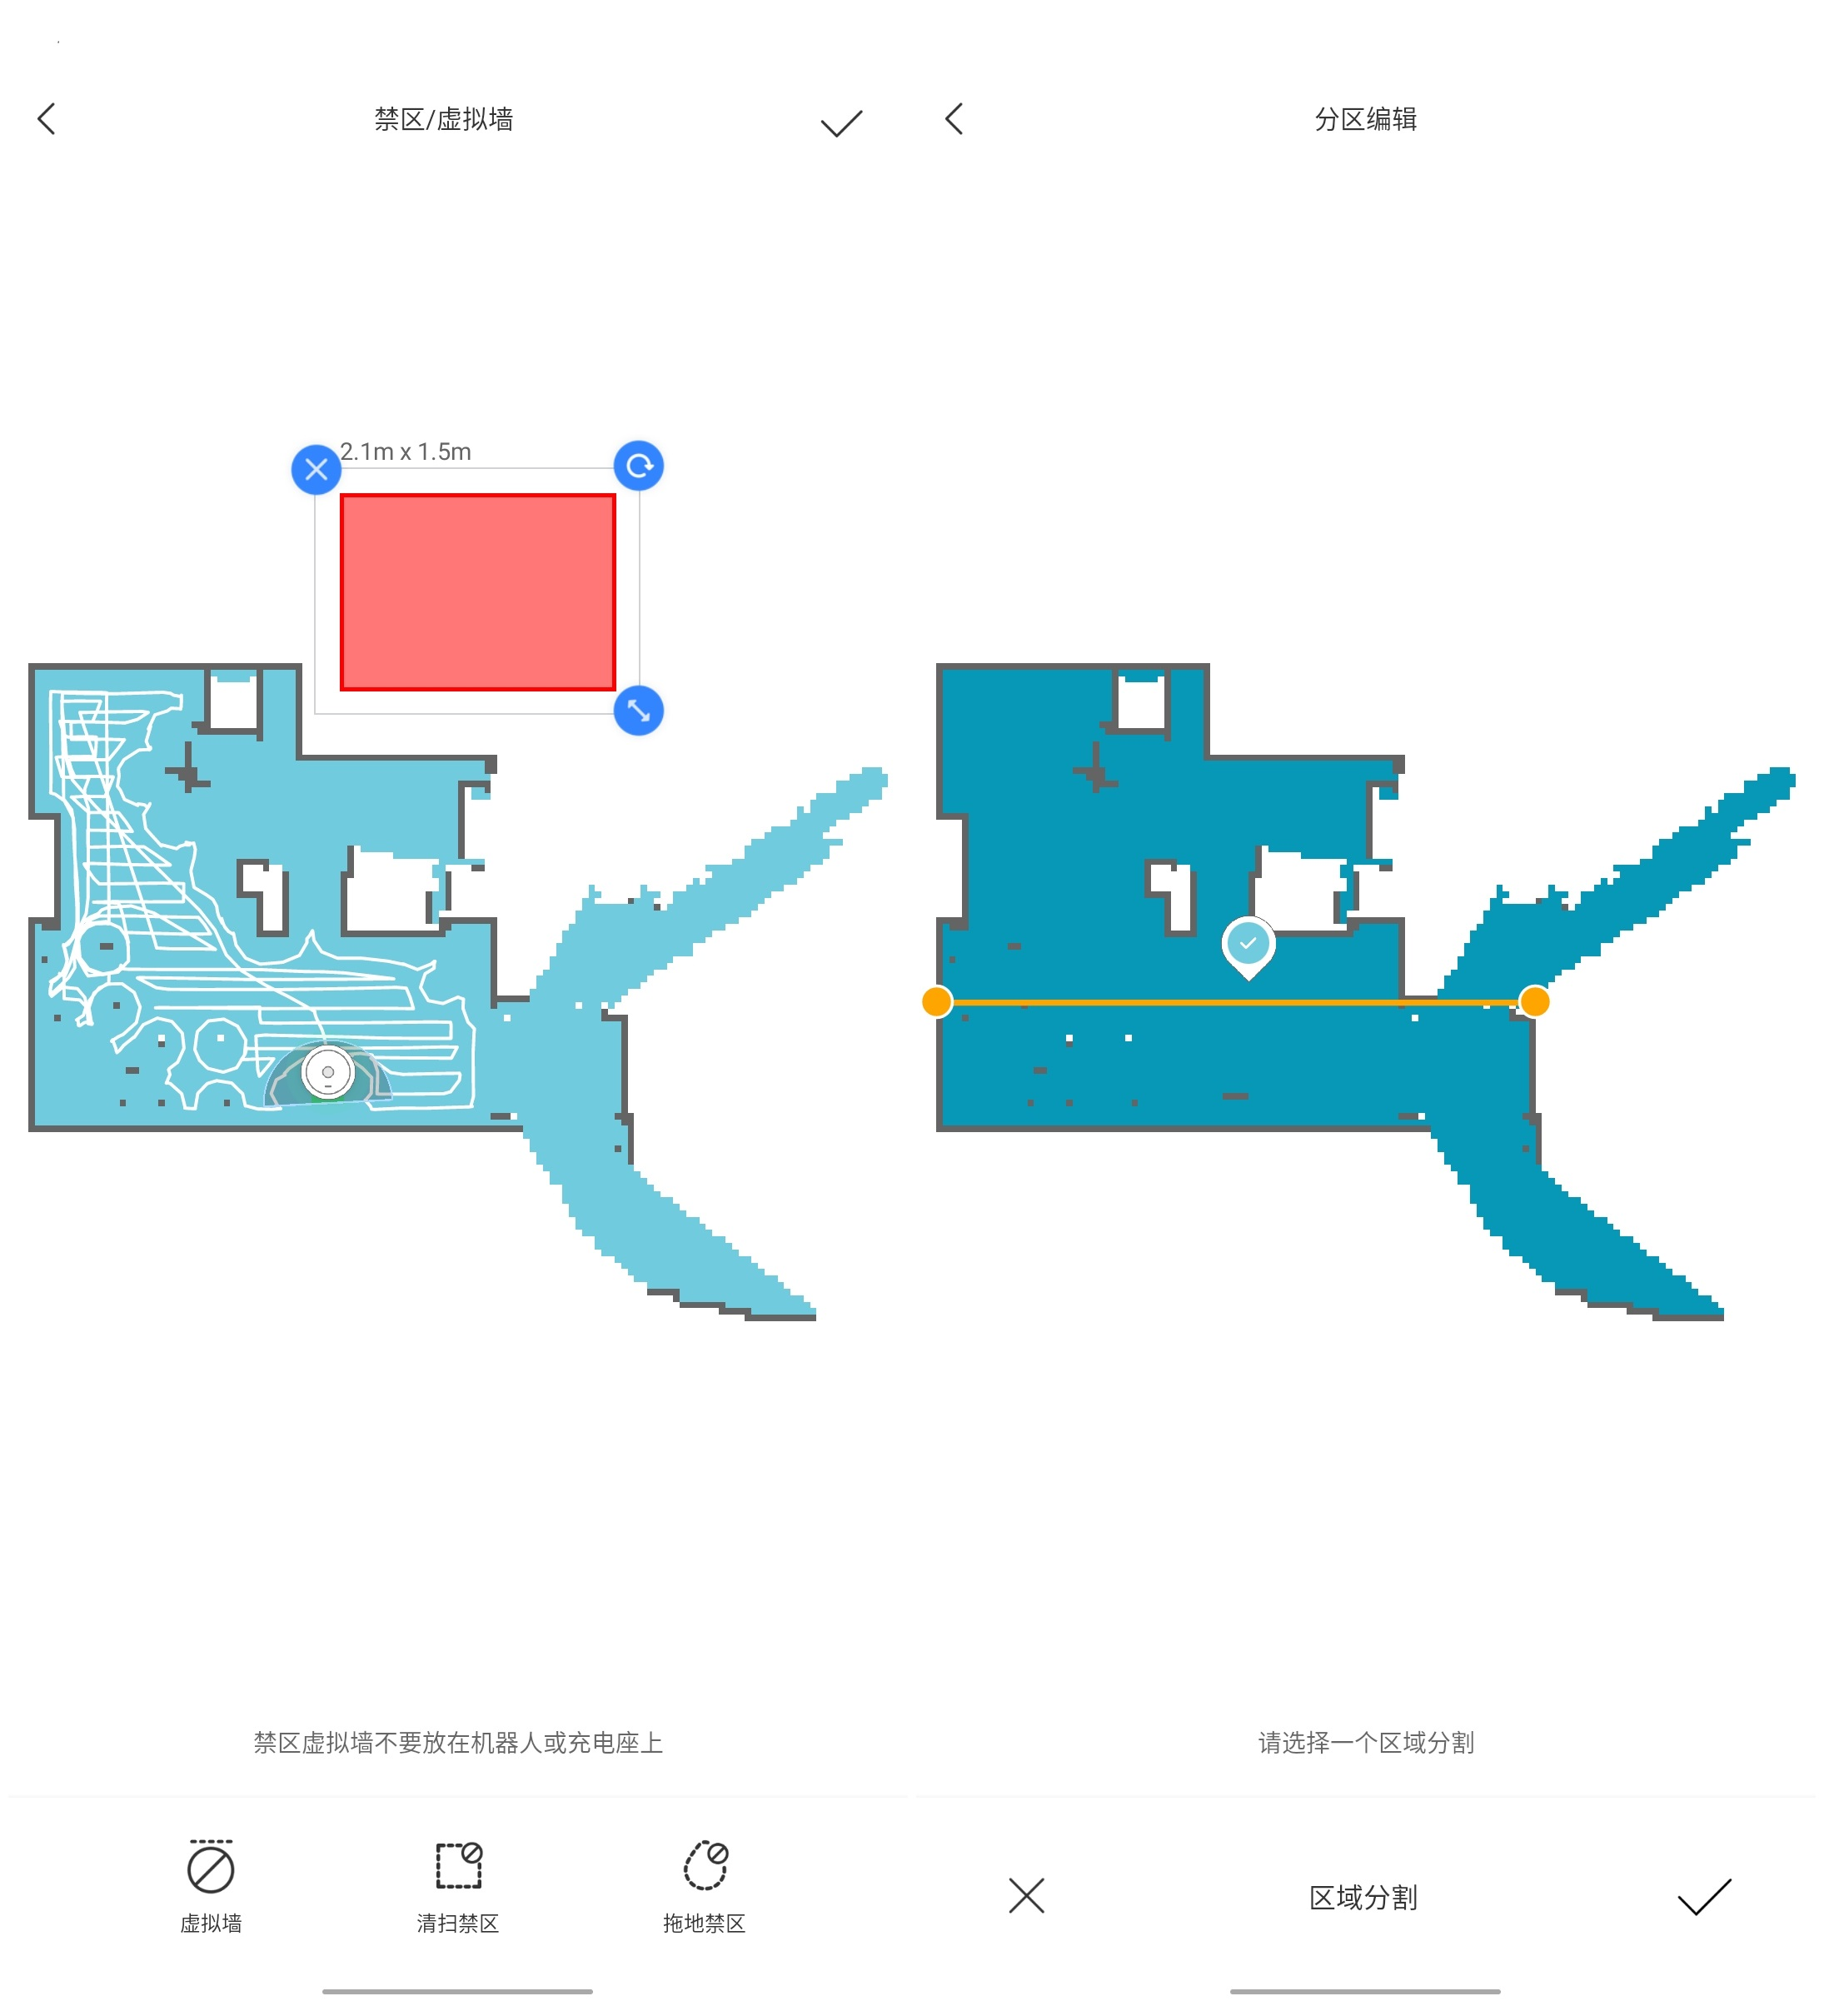 石头扫地机器人T7 Pro评测:AI双摄加持 指哪扫哪